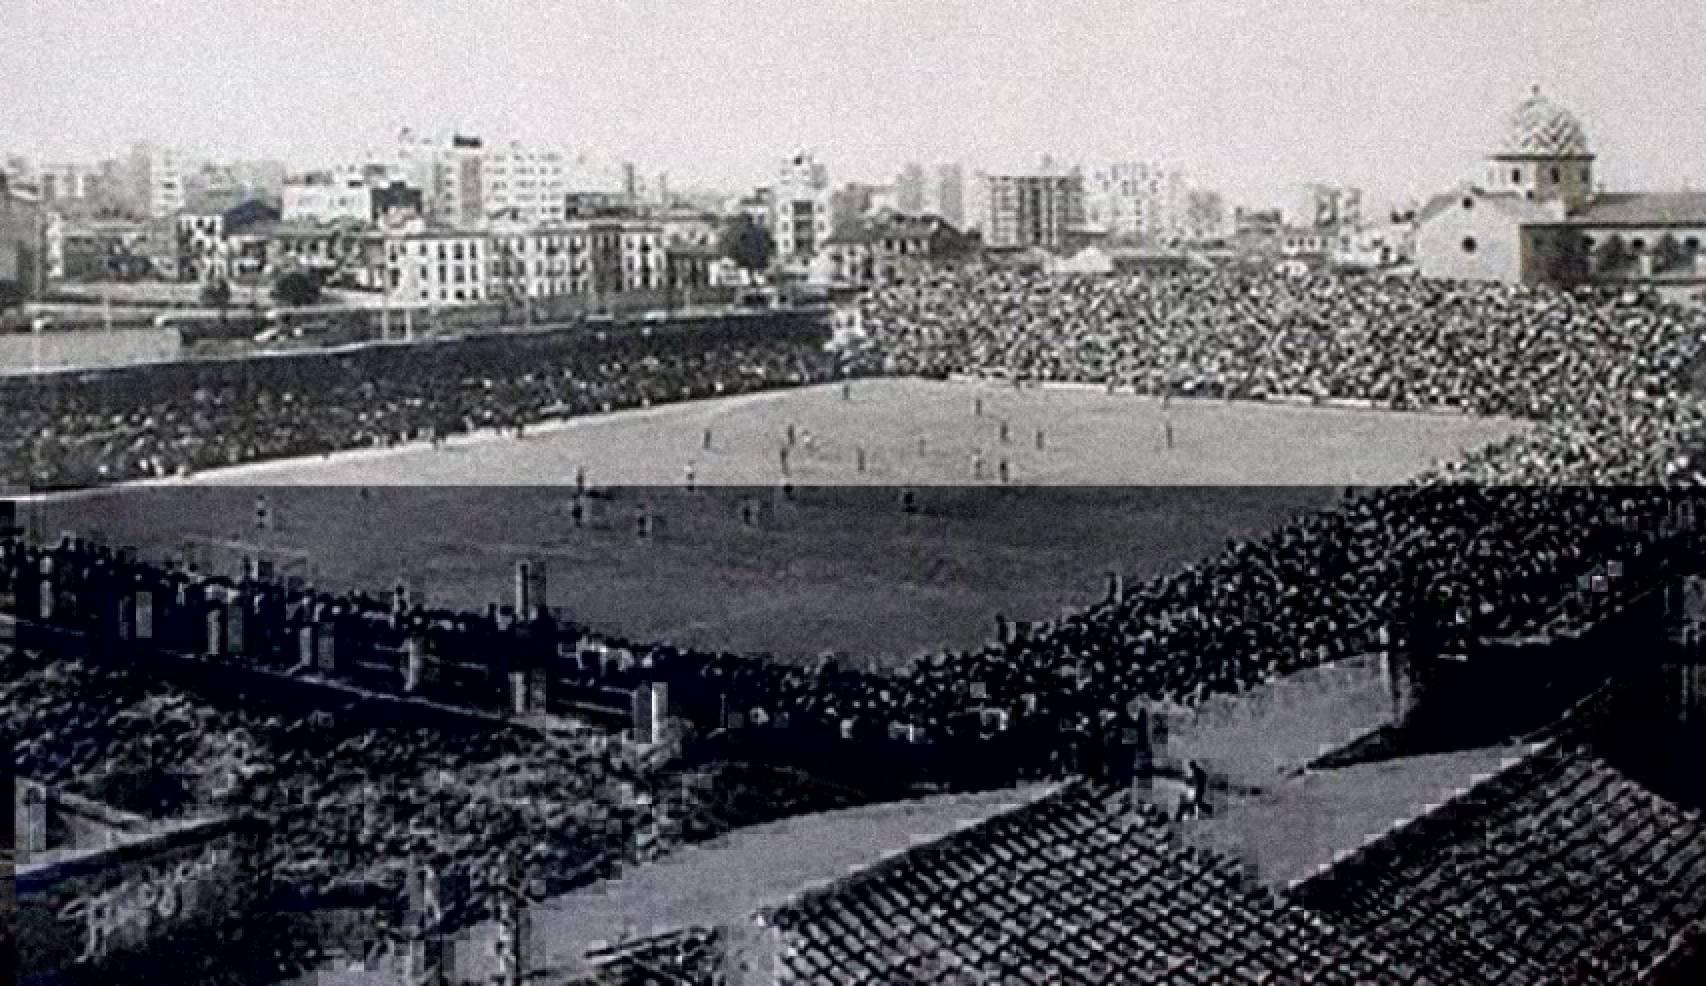 Míticos estadios españoles desaparecidos